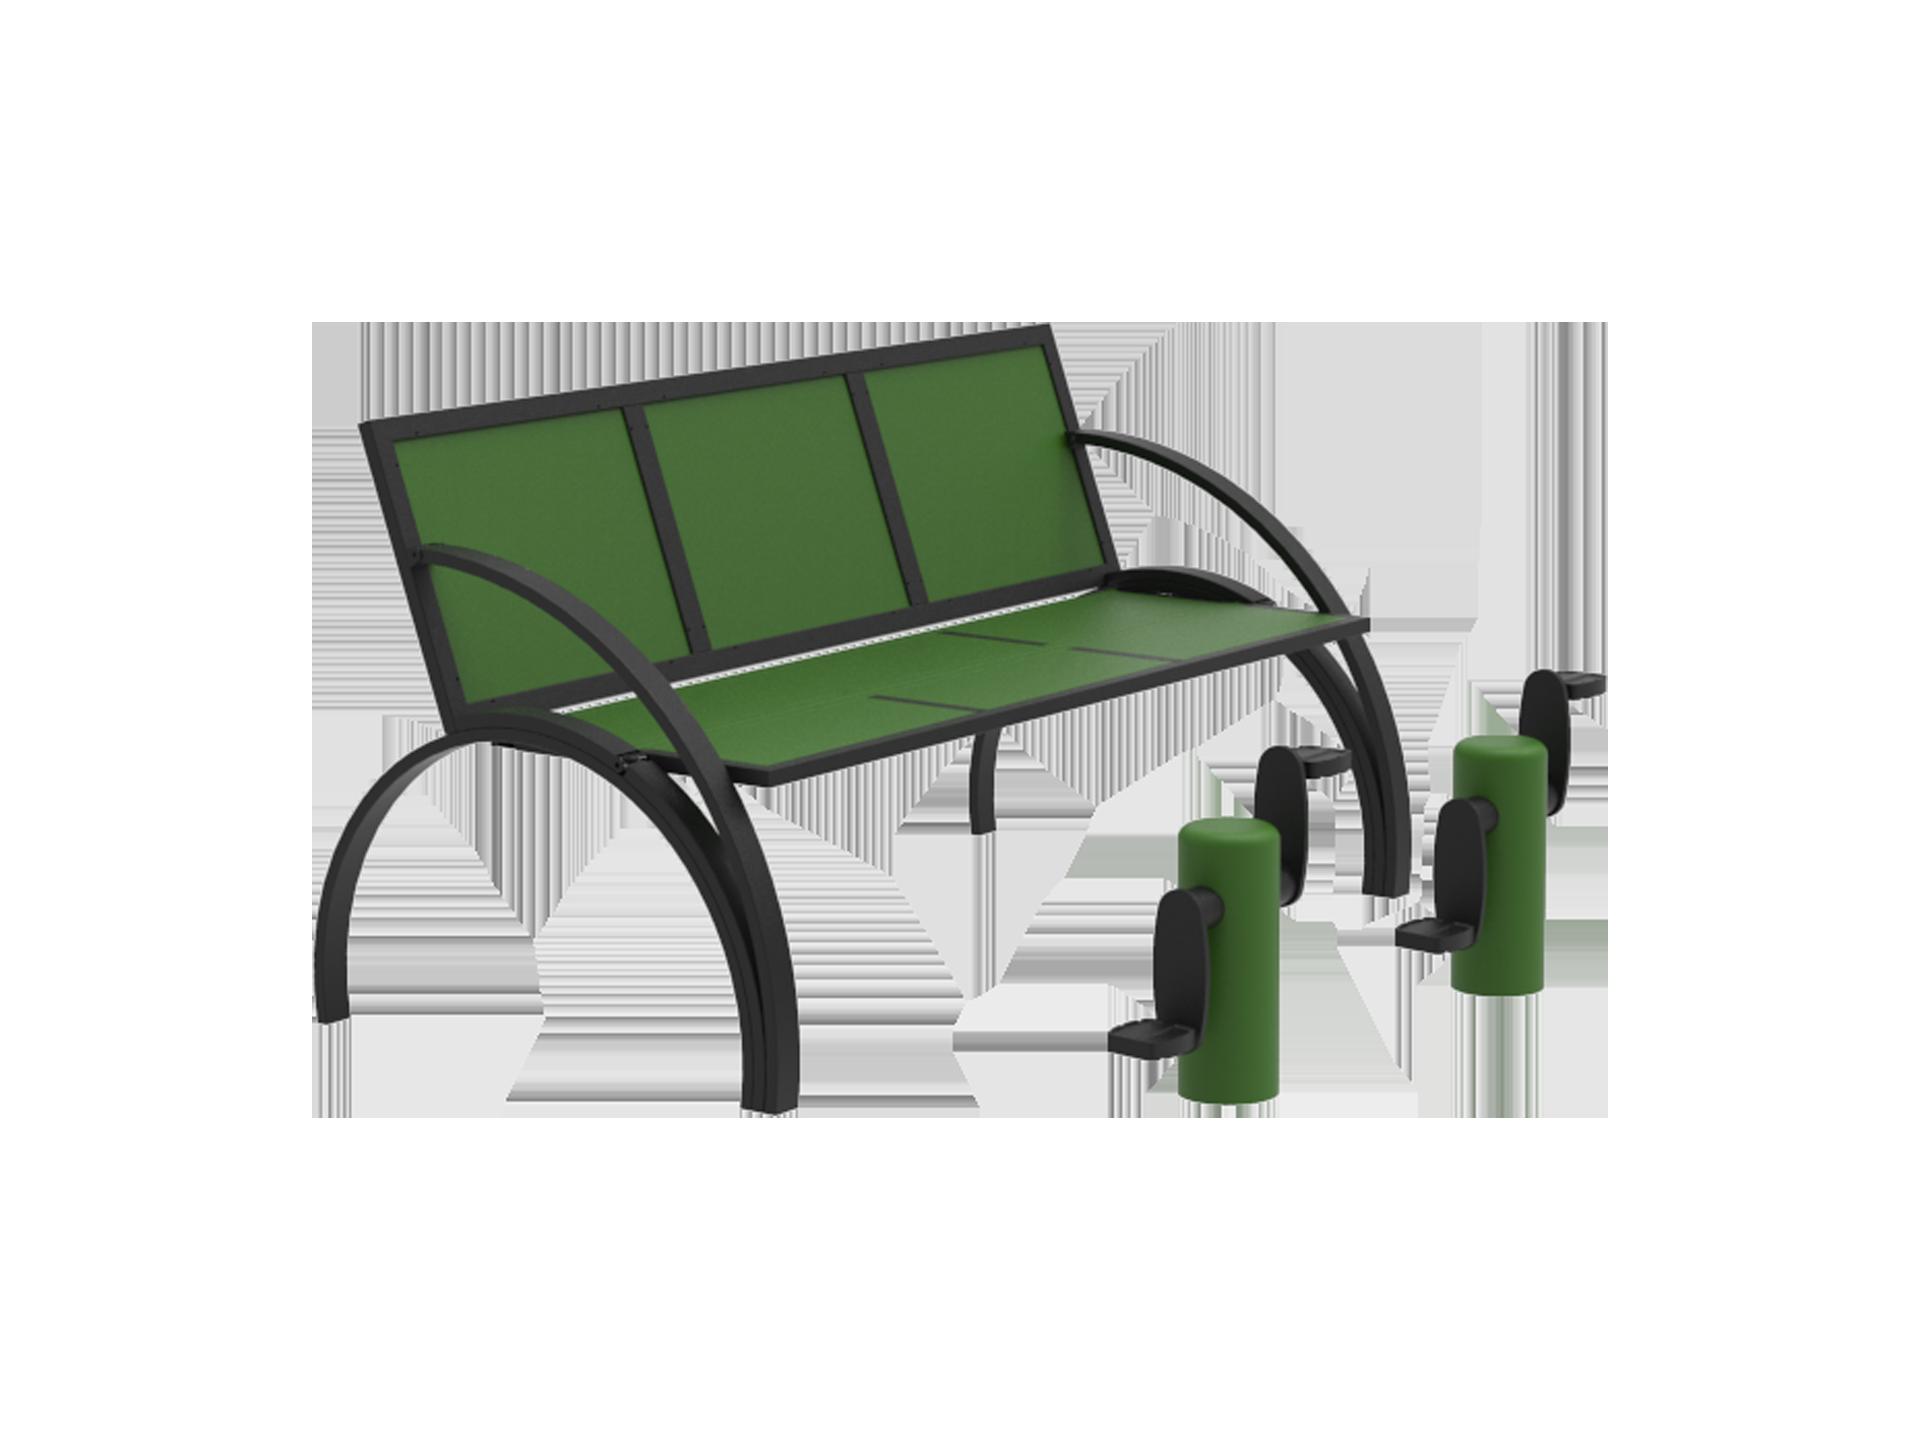 3D d'un agrès guidé pédalier accompagné d'un banc traditionnel